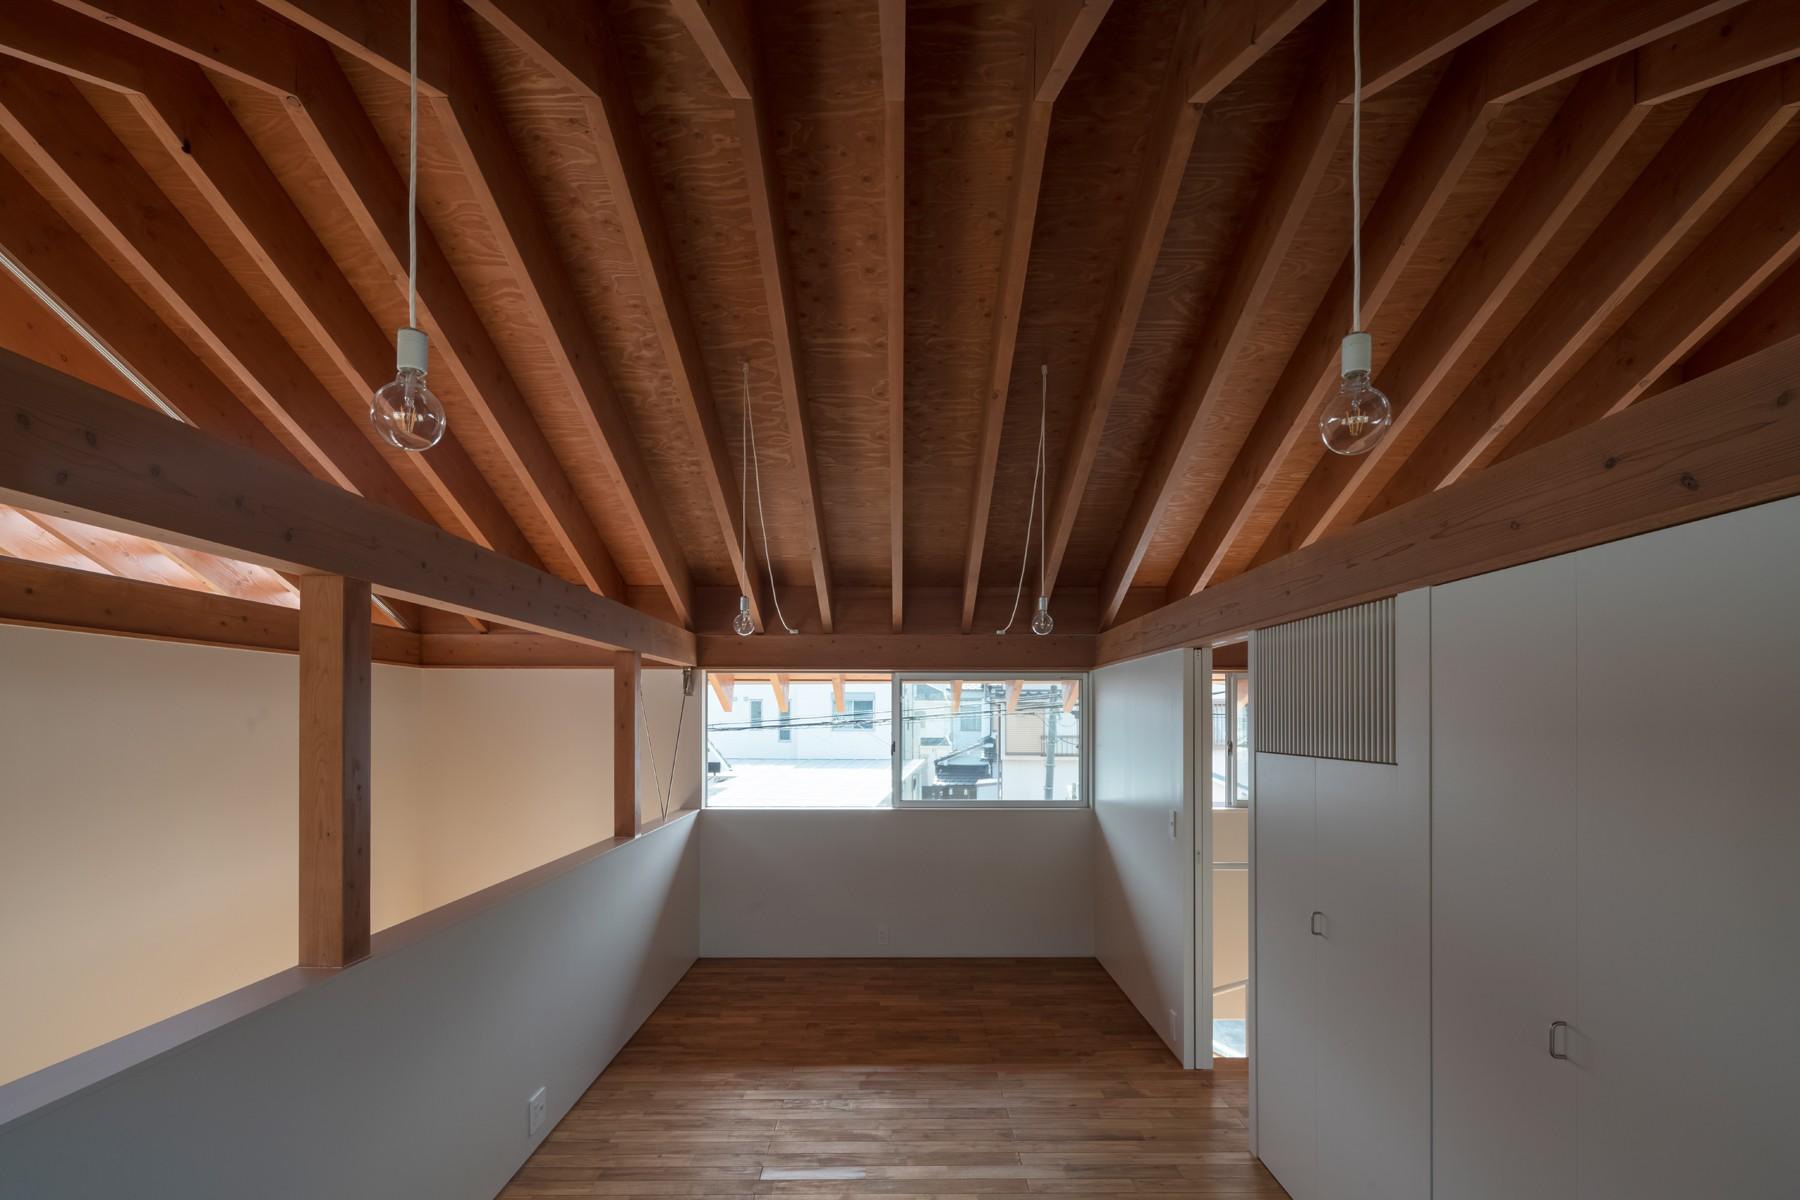 子供部屋事例:室-1(小田井の住宅)